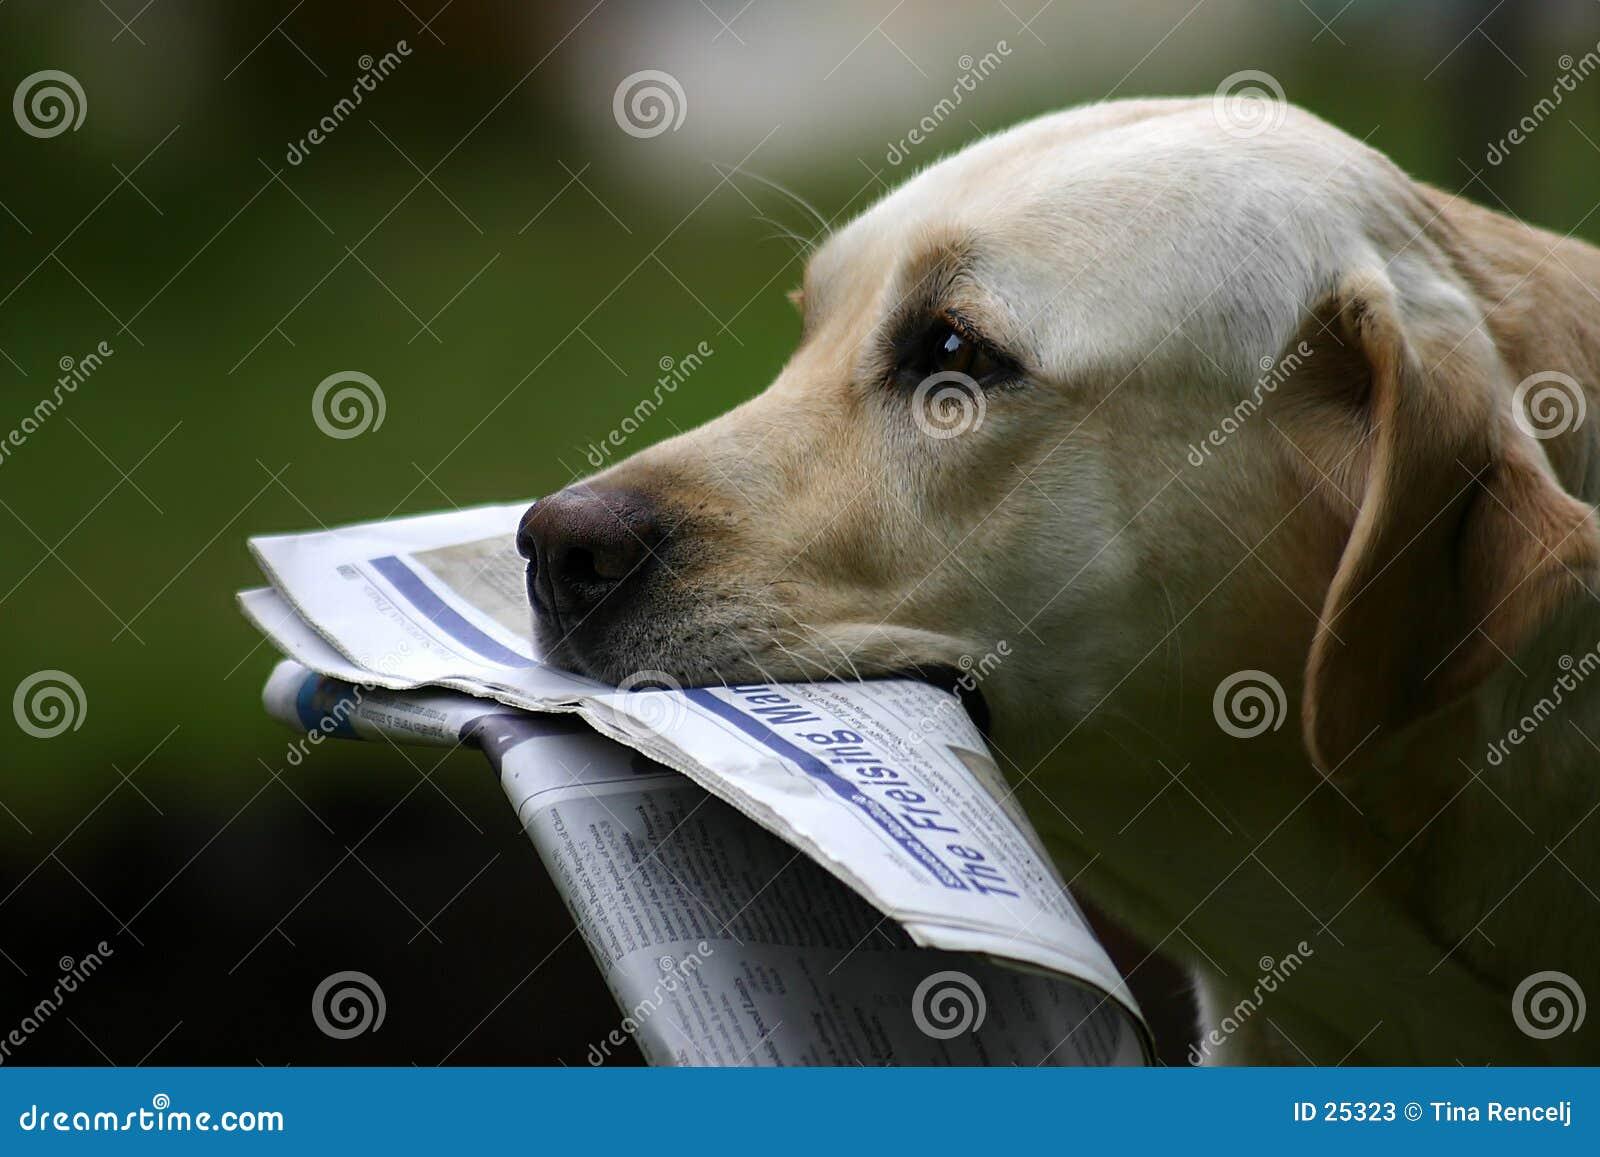 Labrador With News